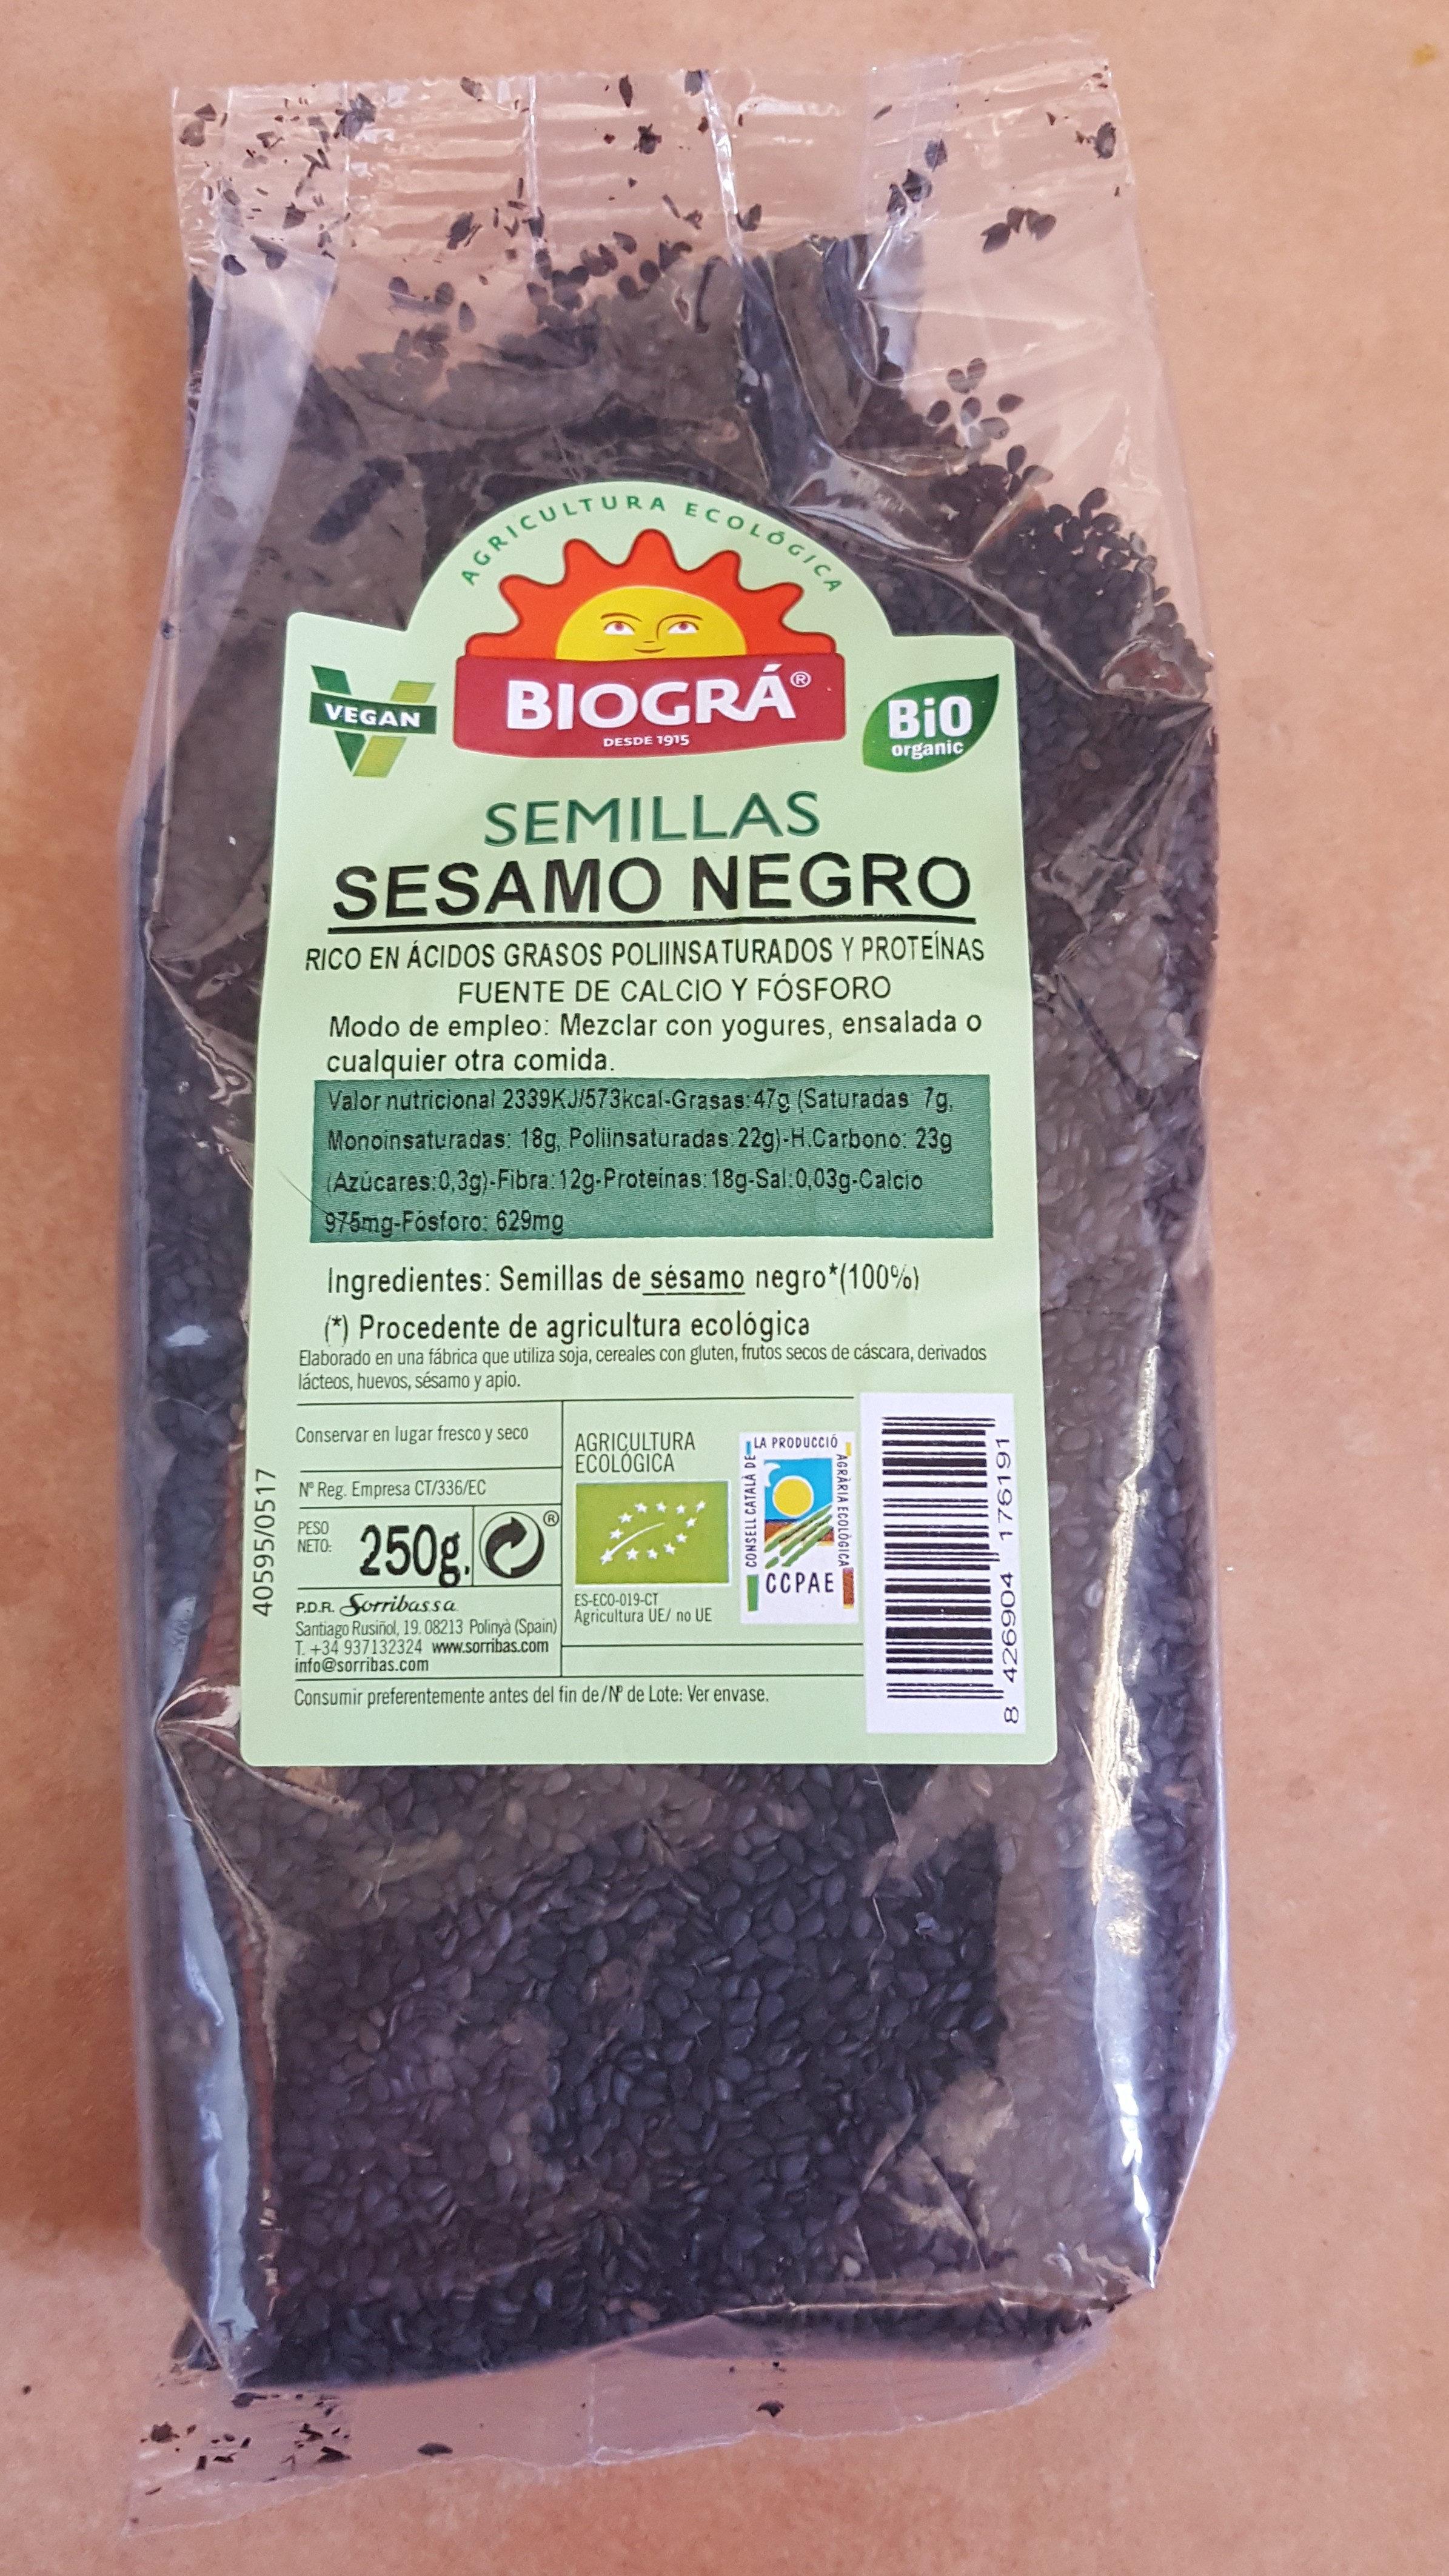 Semillas de sésamo negro - Producto - es